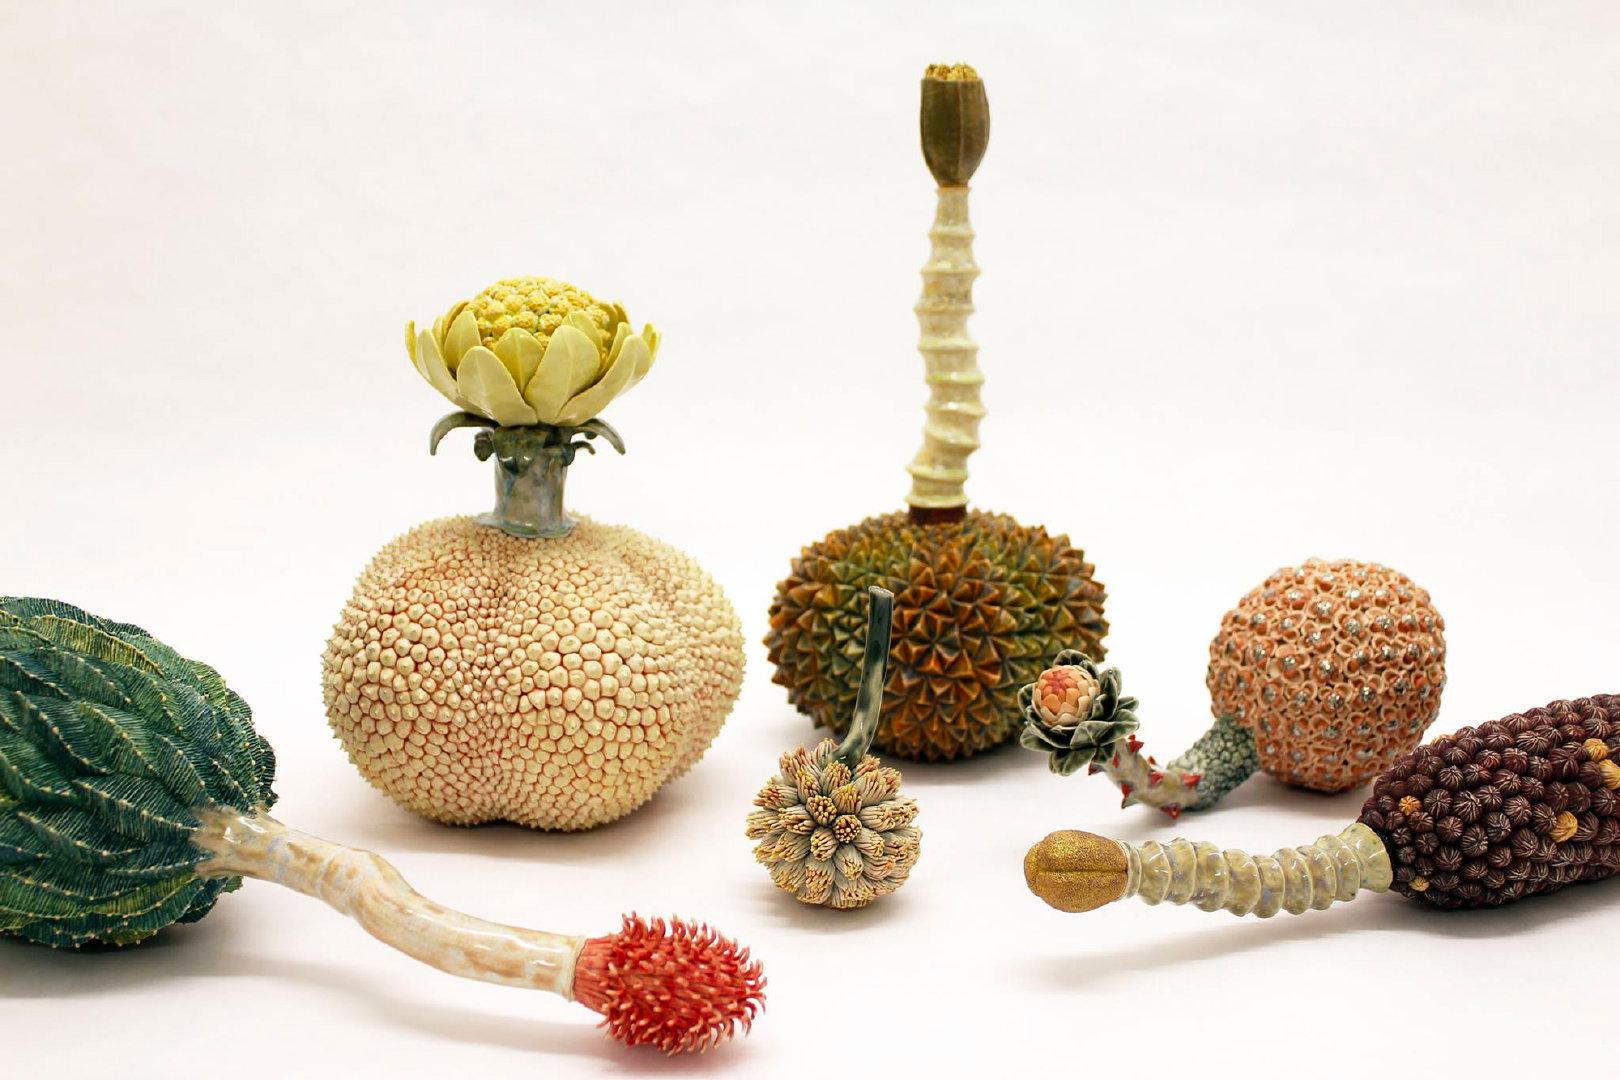 陶瓷艺术家Kaori Kurihara的陶瓷纹理参考了熟悉的植物,如榴莲